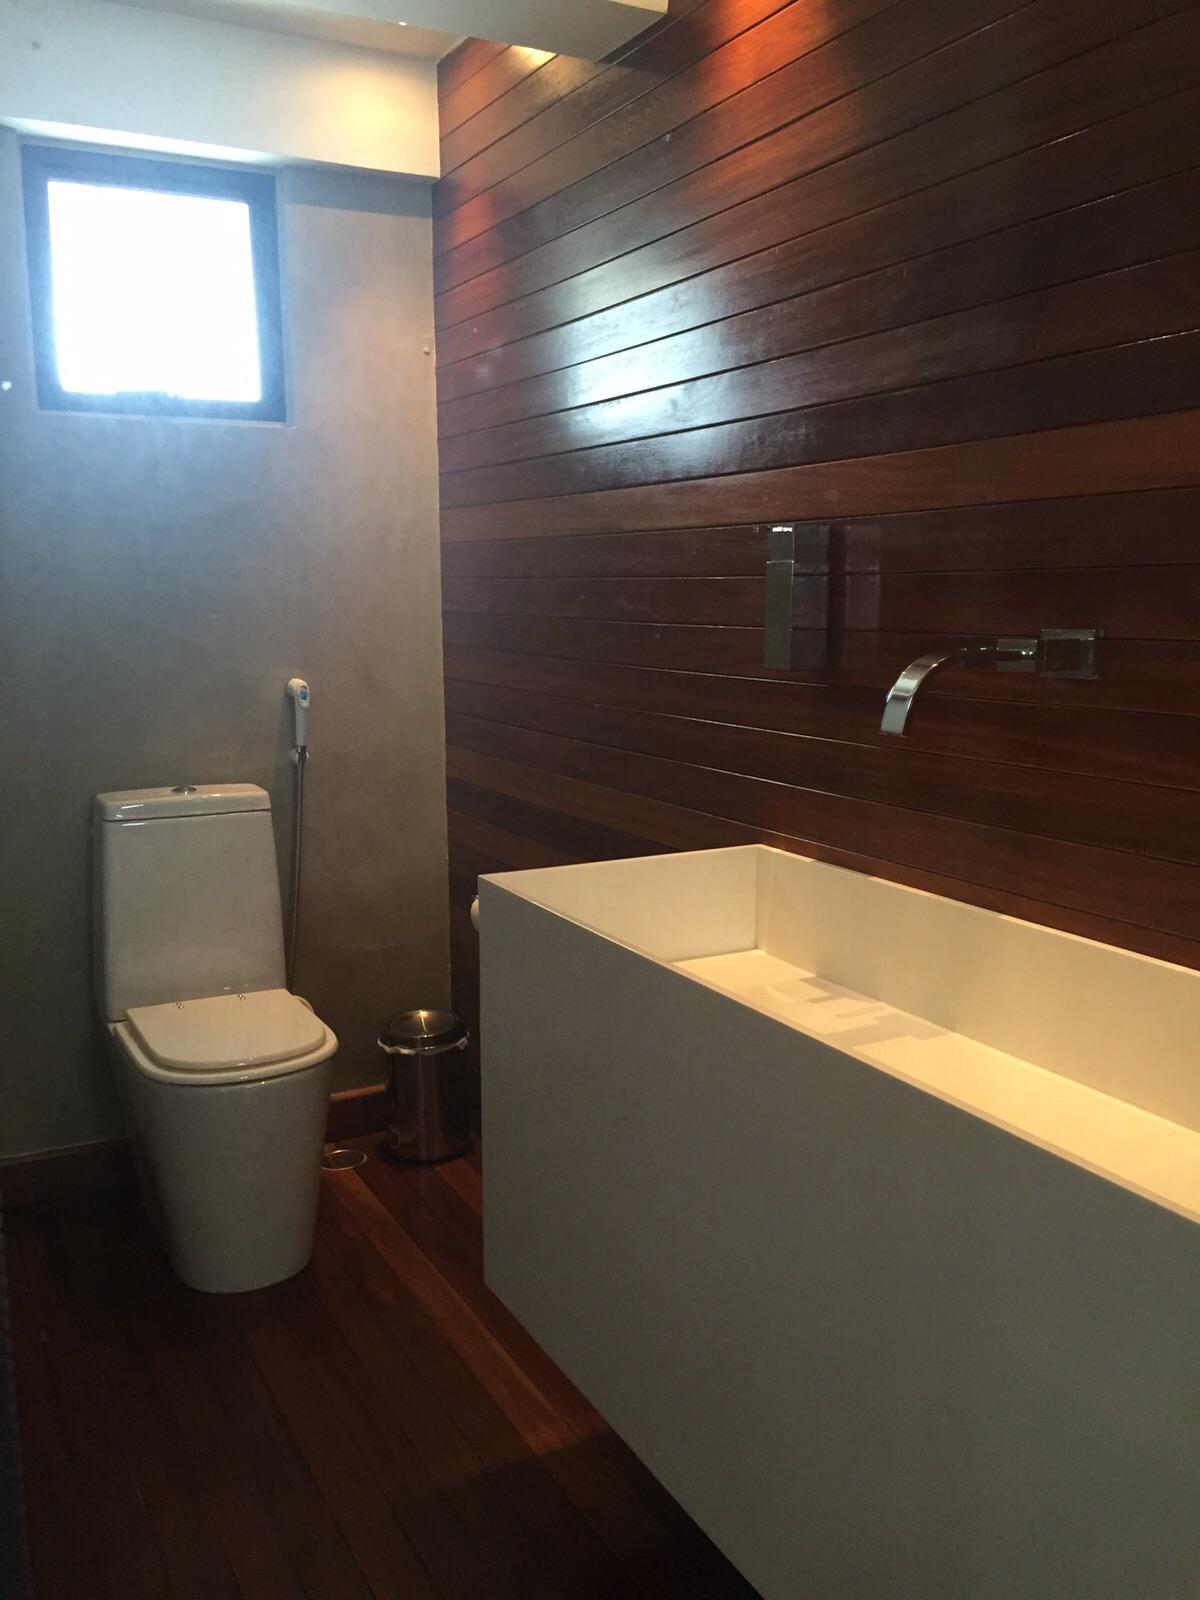 Serviço de confecção e assentamento de Deck e Painel de Parede confeccionados em Madeira Jatobá. Executado de acordo com o projeto dos arquitetos Waleska Agra e Daniel Lemos.